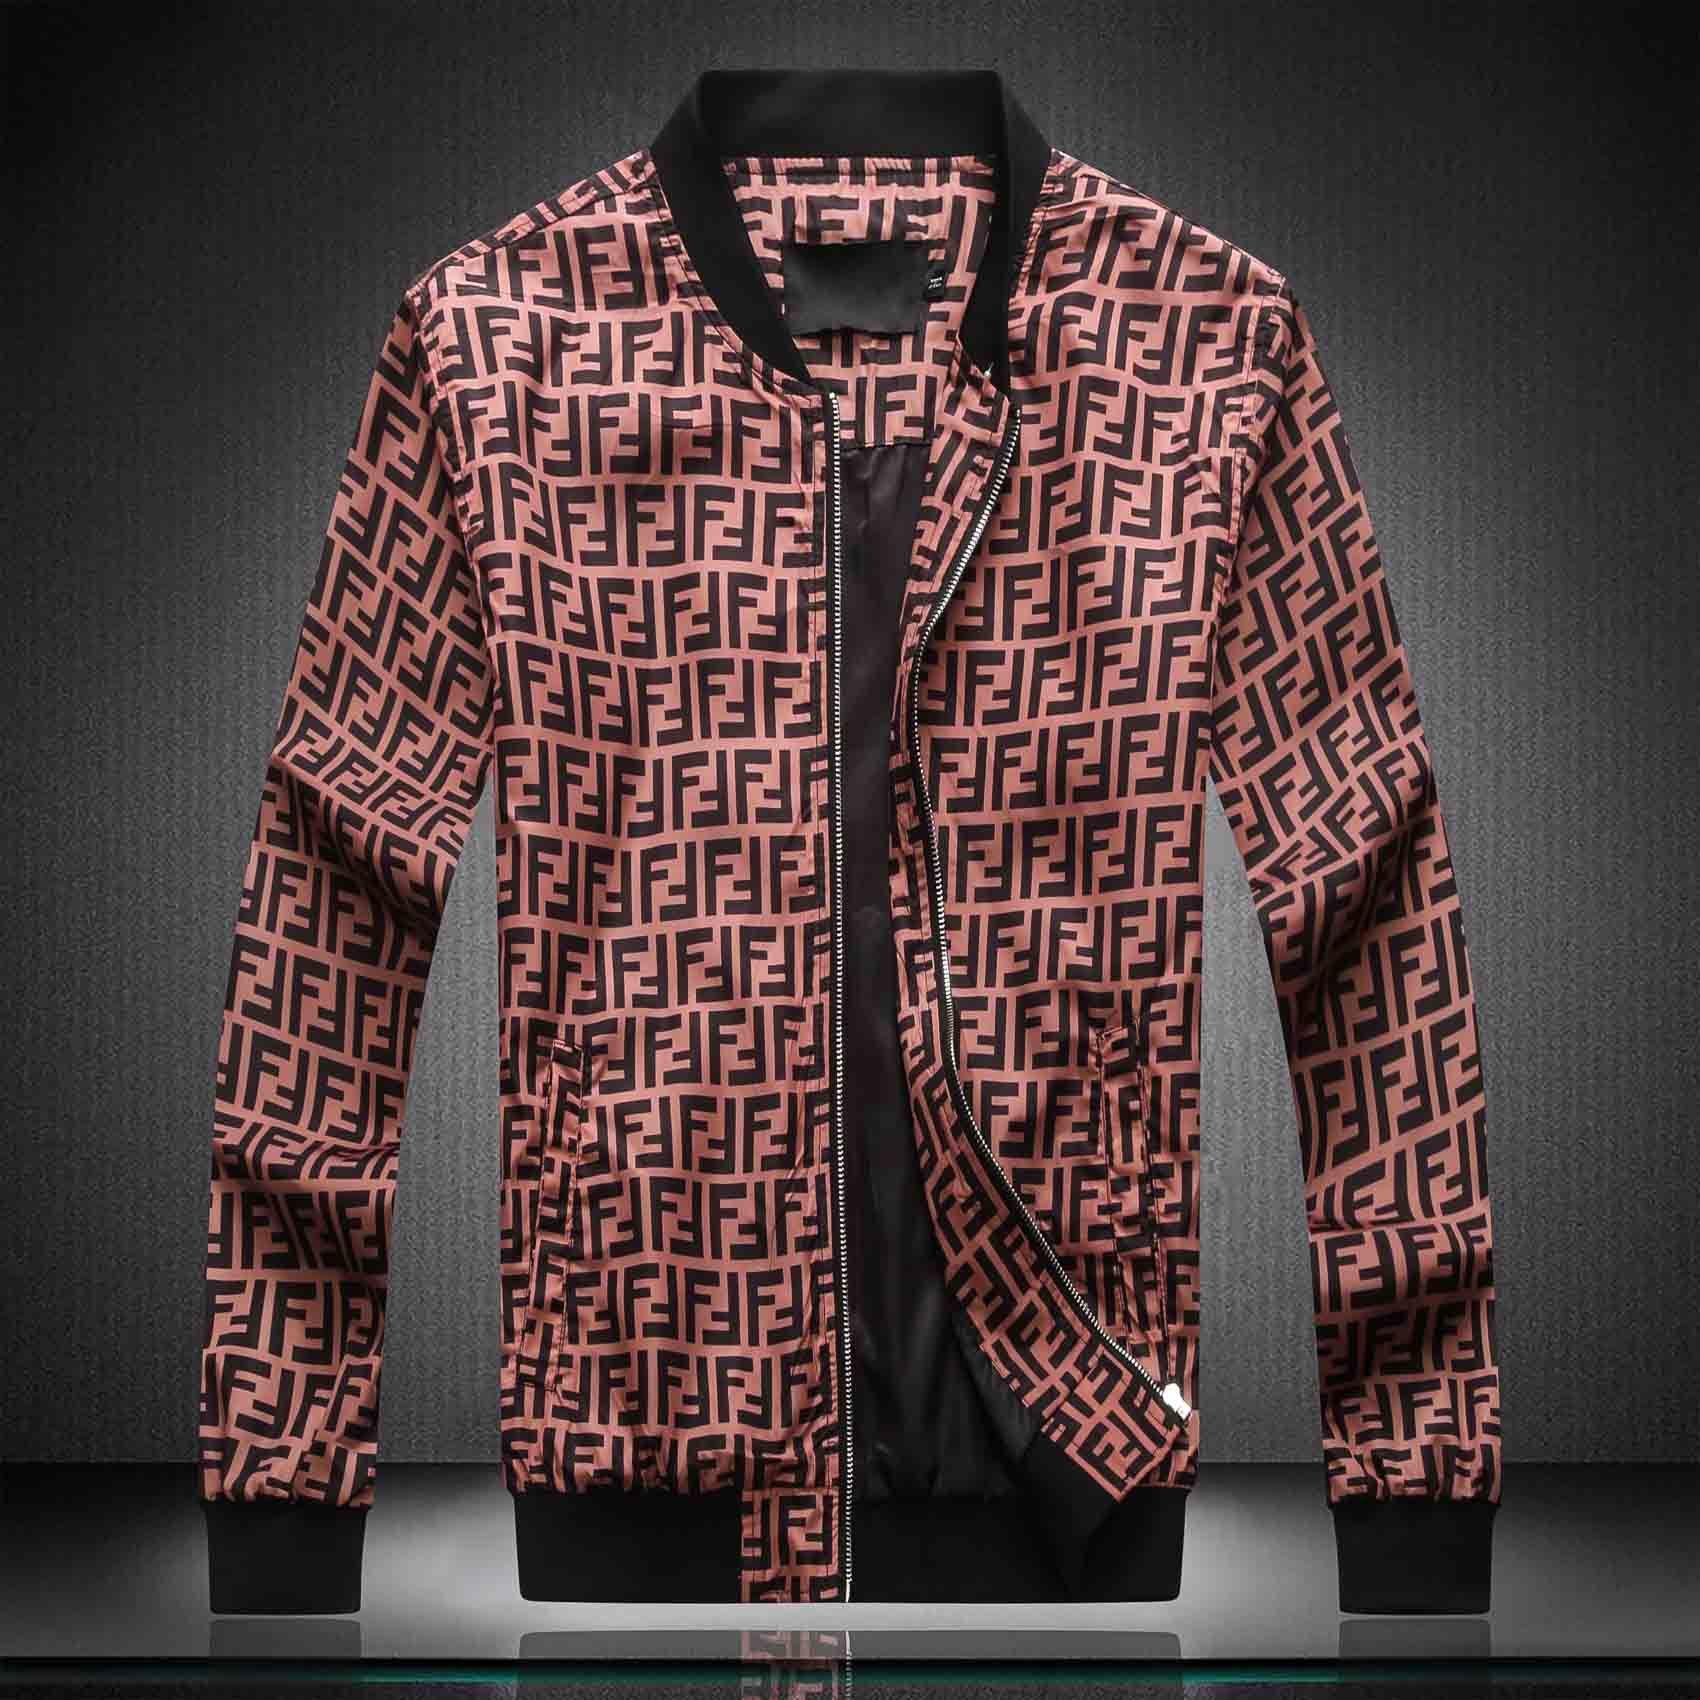 Exklusive Herren Paris Jacke hochwertiges Denim Hoodie Herren-Hip-Hop-Label Luxus Jacke Herren-Mantel Mantel Hoodiejacke